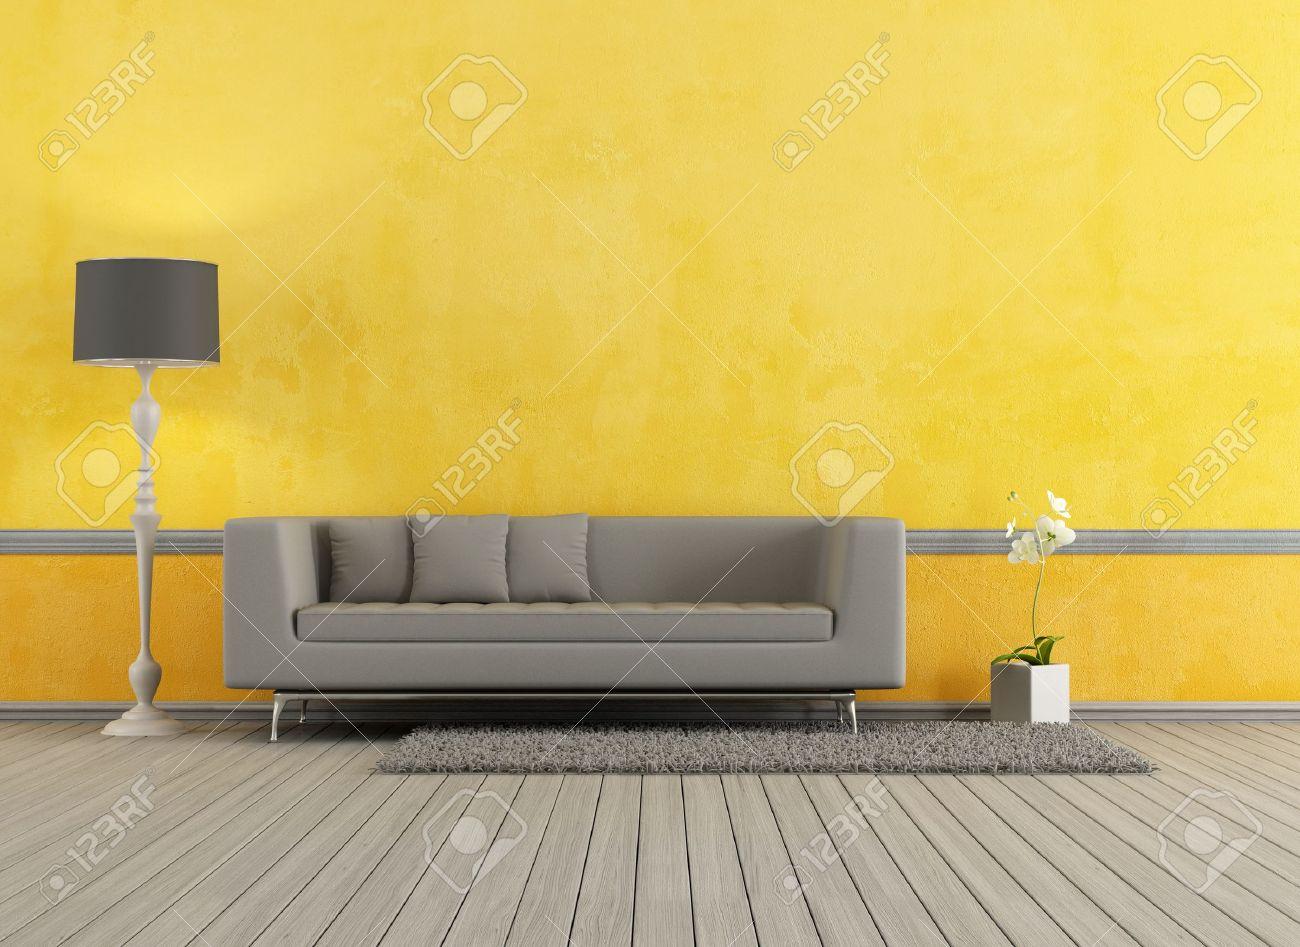 Canapé Moderne Gris Dans Un Salon Jaune - Rendu Banque D\'Images Et ...